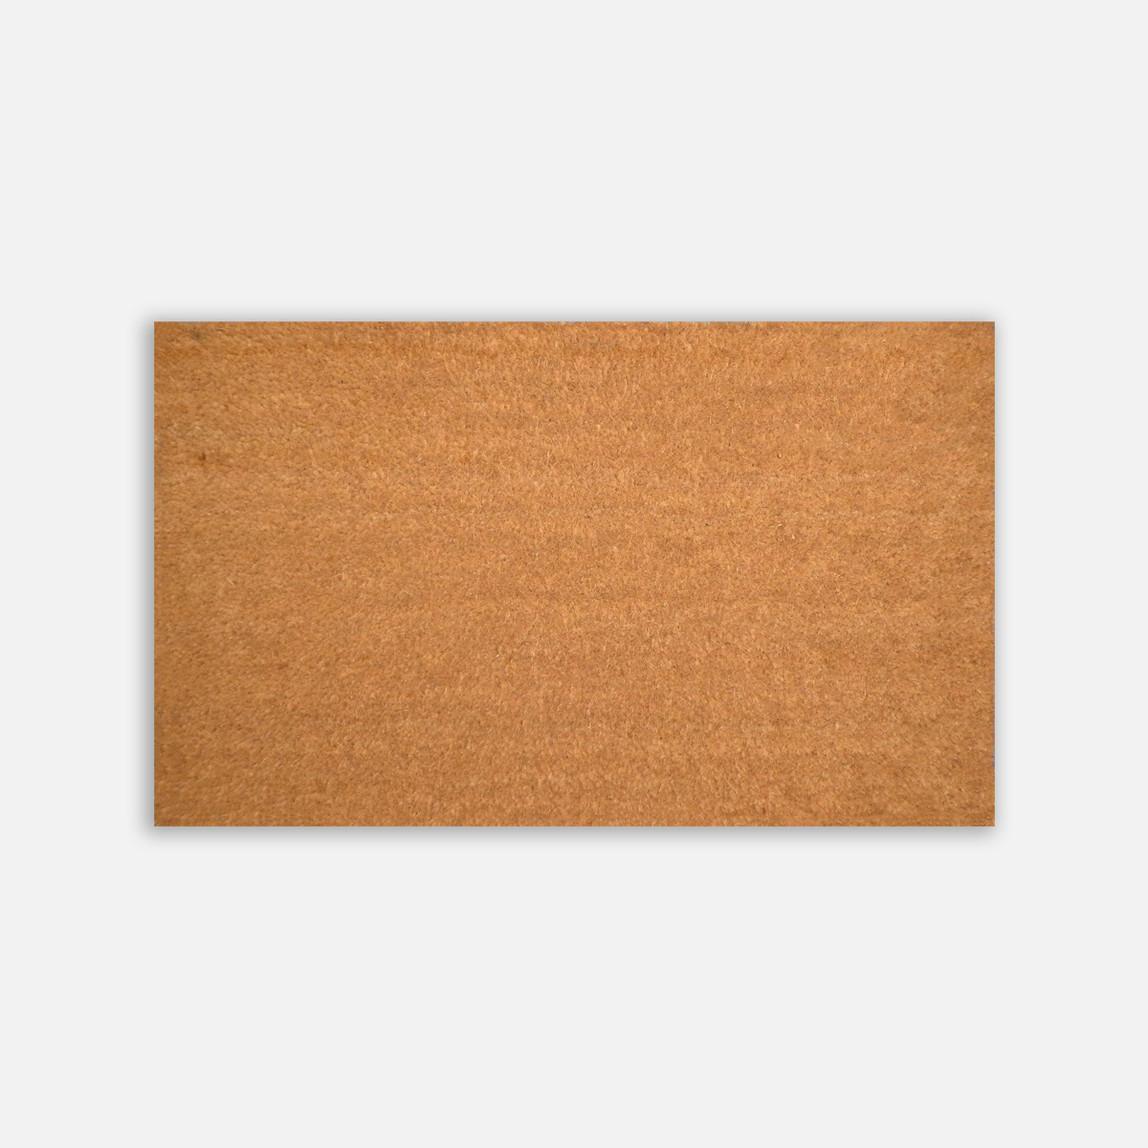 55x90 cm düz PVC Tabanlı Koko Paspas